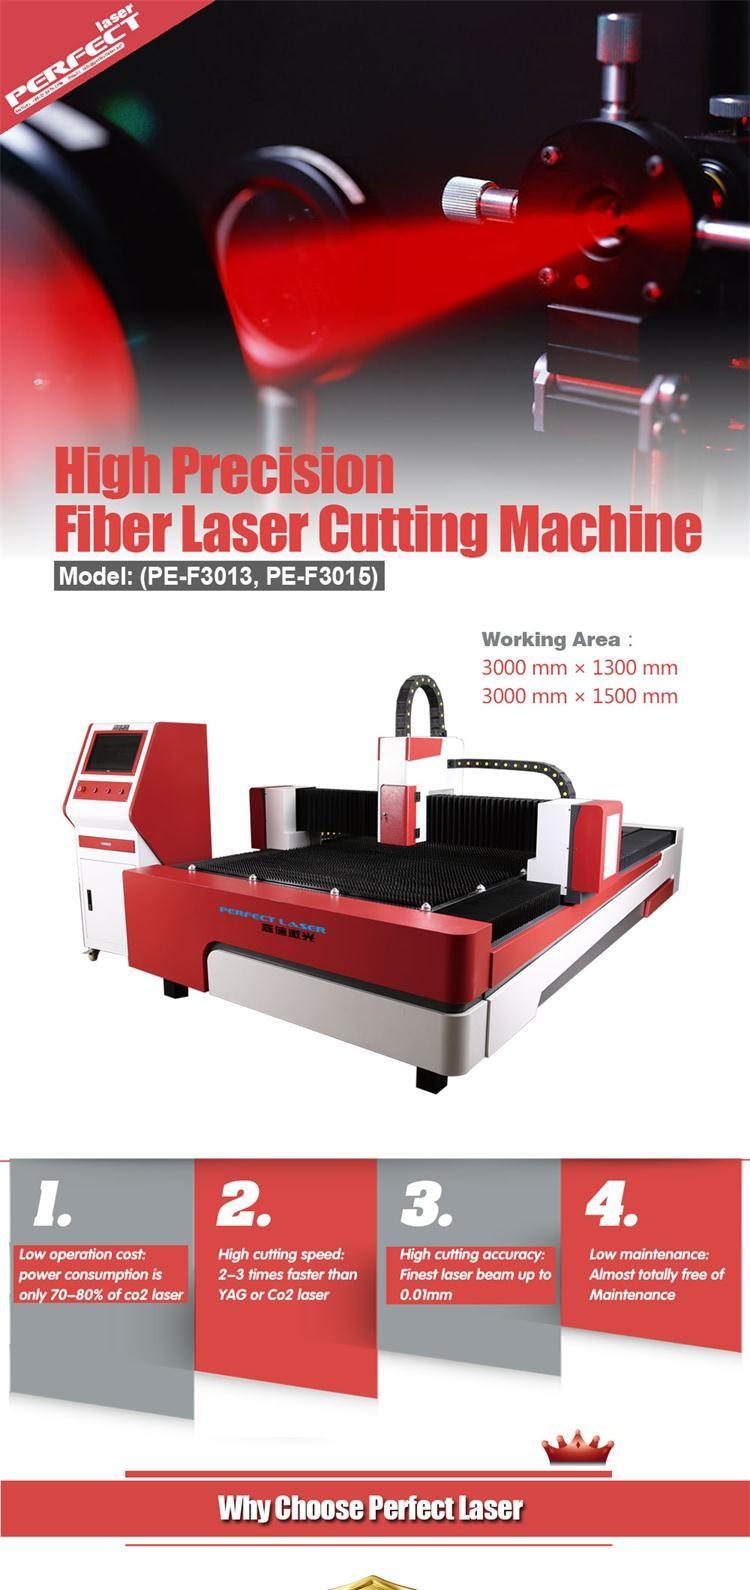 01 Perfect Laser-Fiber Laser Cutting Machine PE-F3013 PE-F3015.jpg